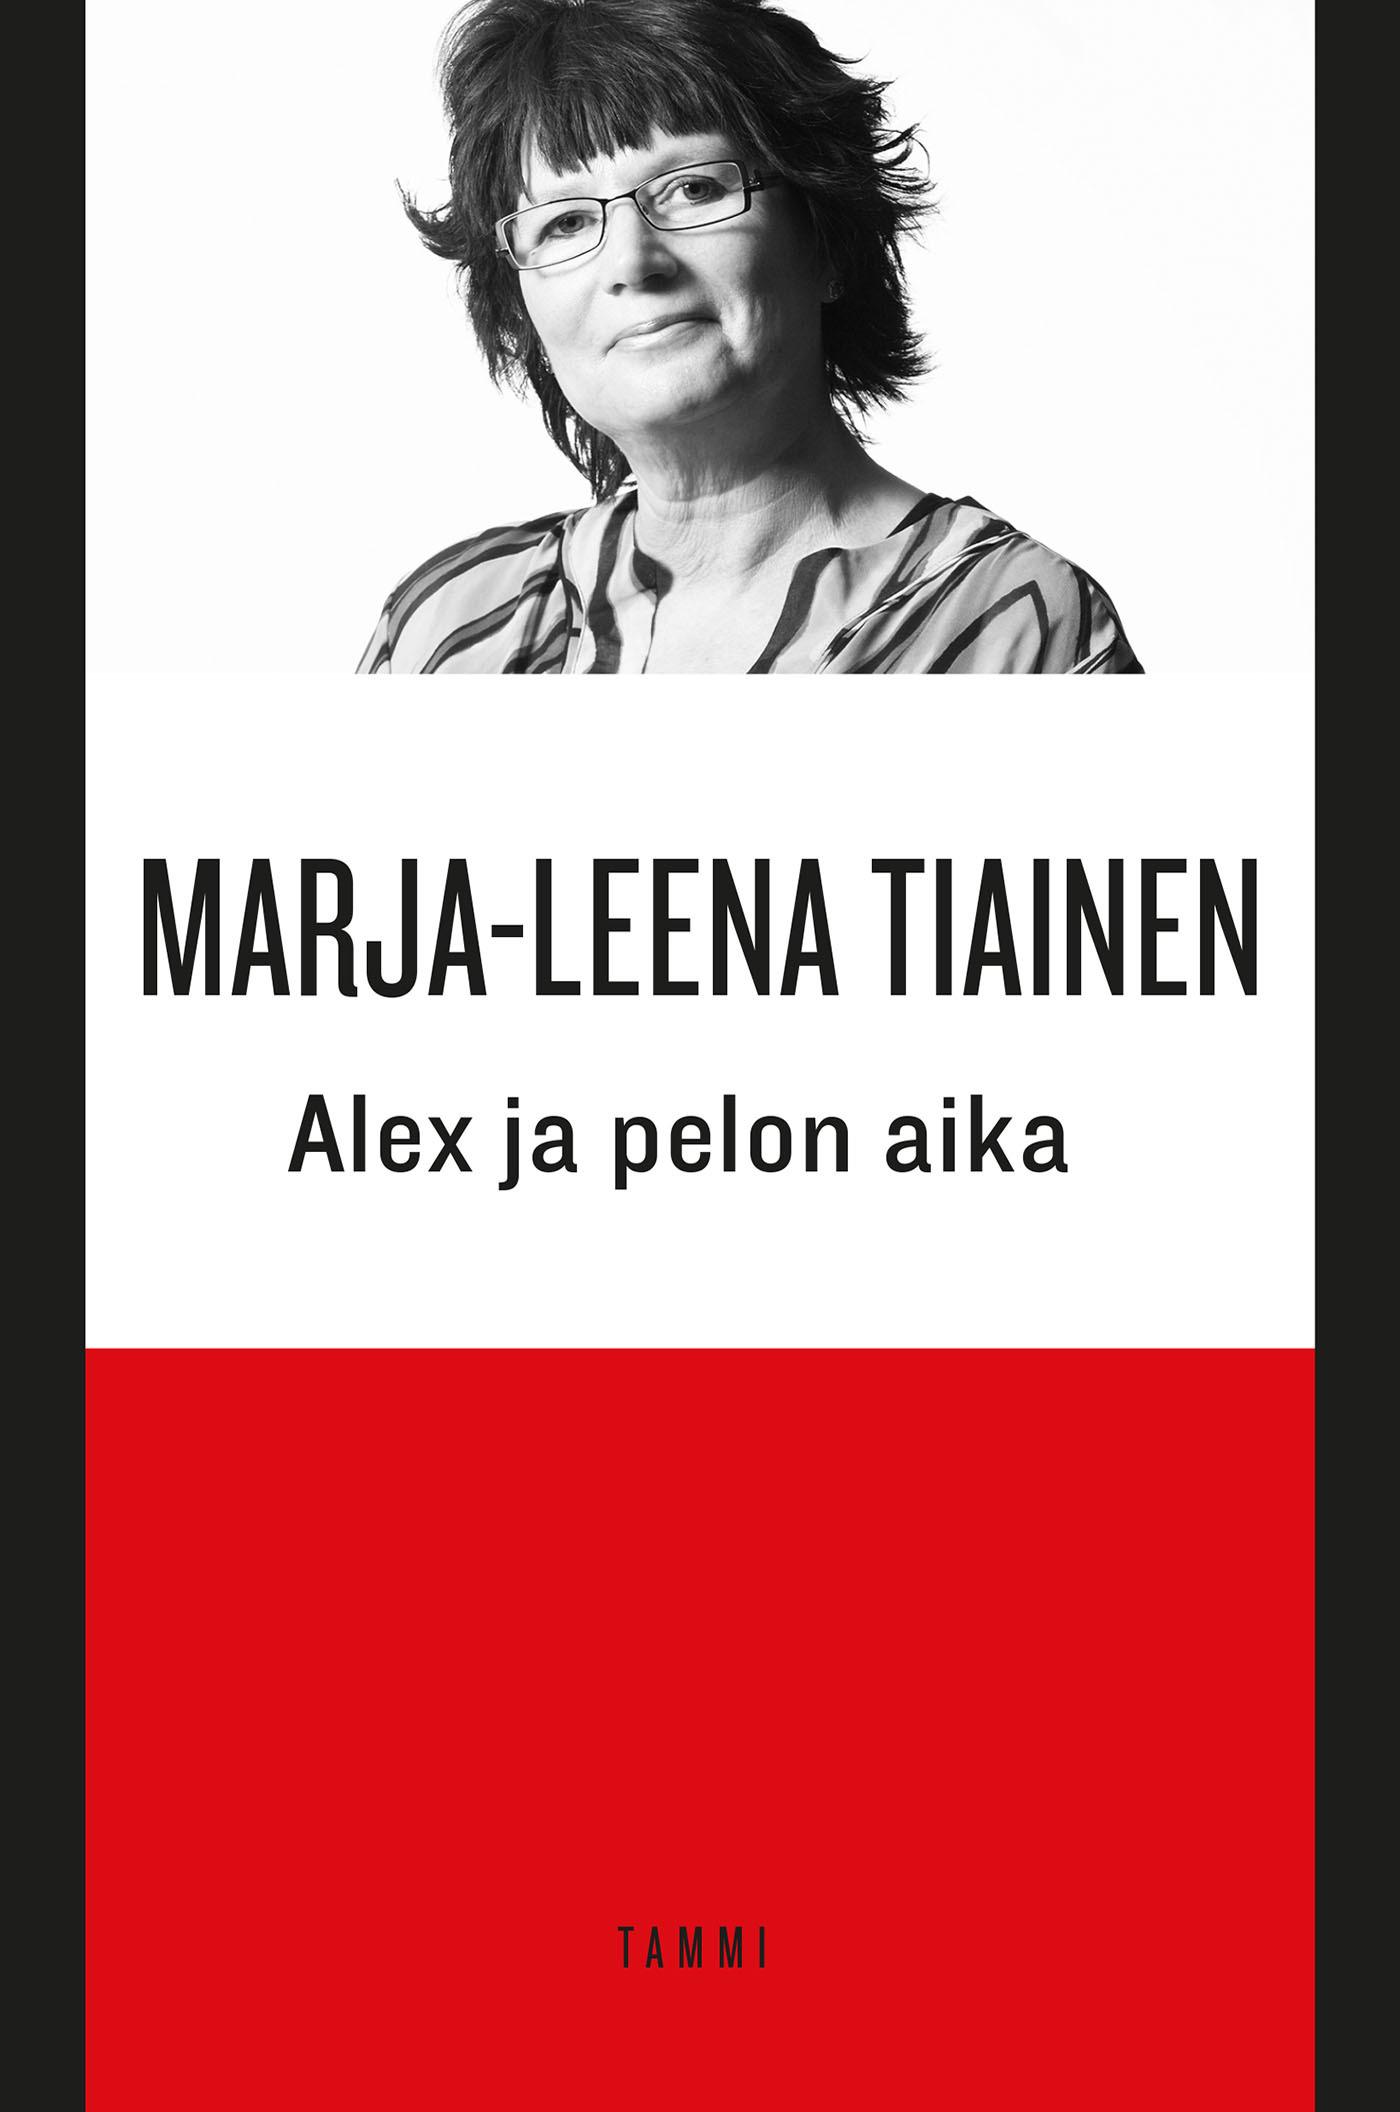 Tiainen, Marja-Leena - Alex ja pelon aika, e-kirja